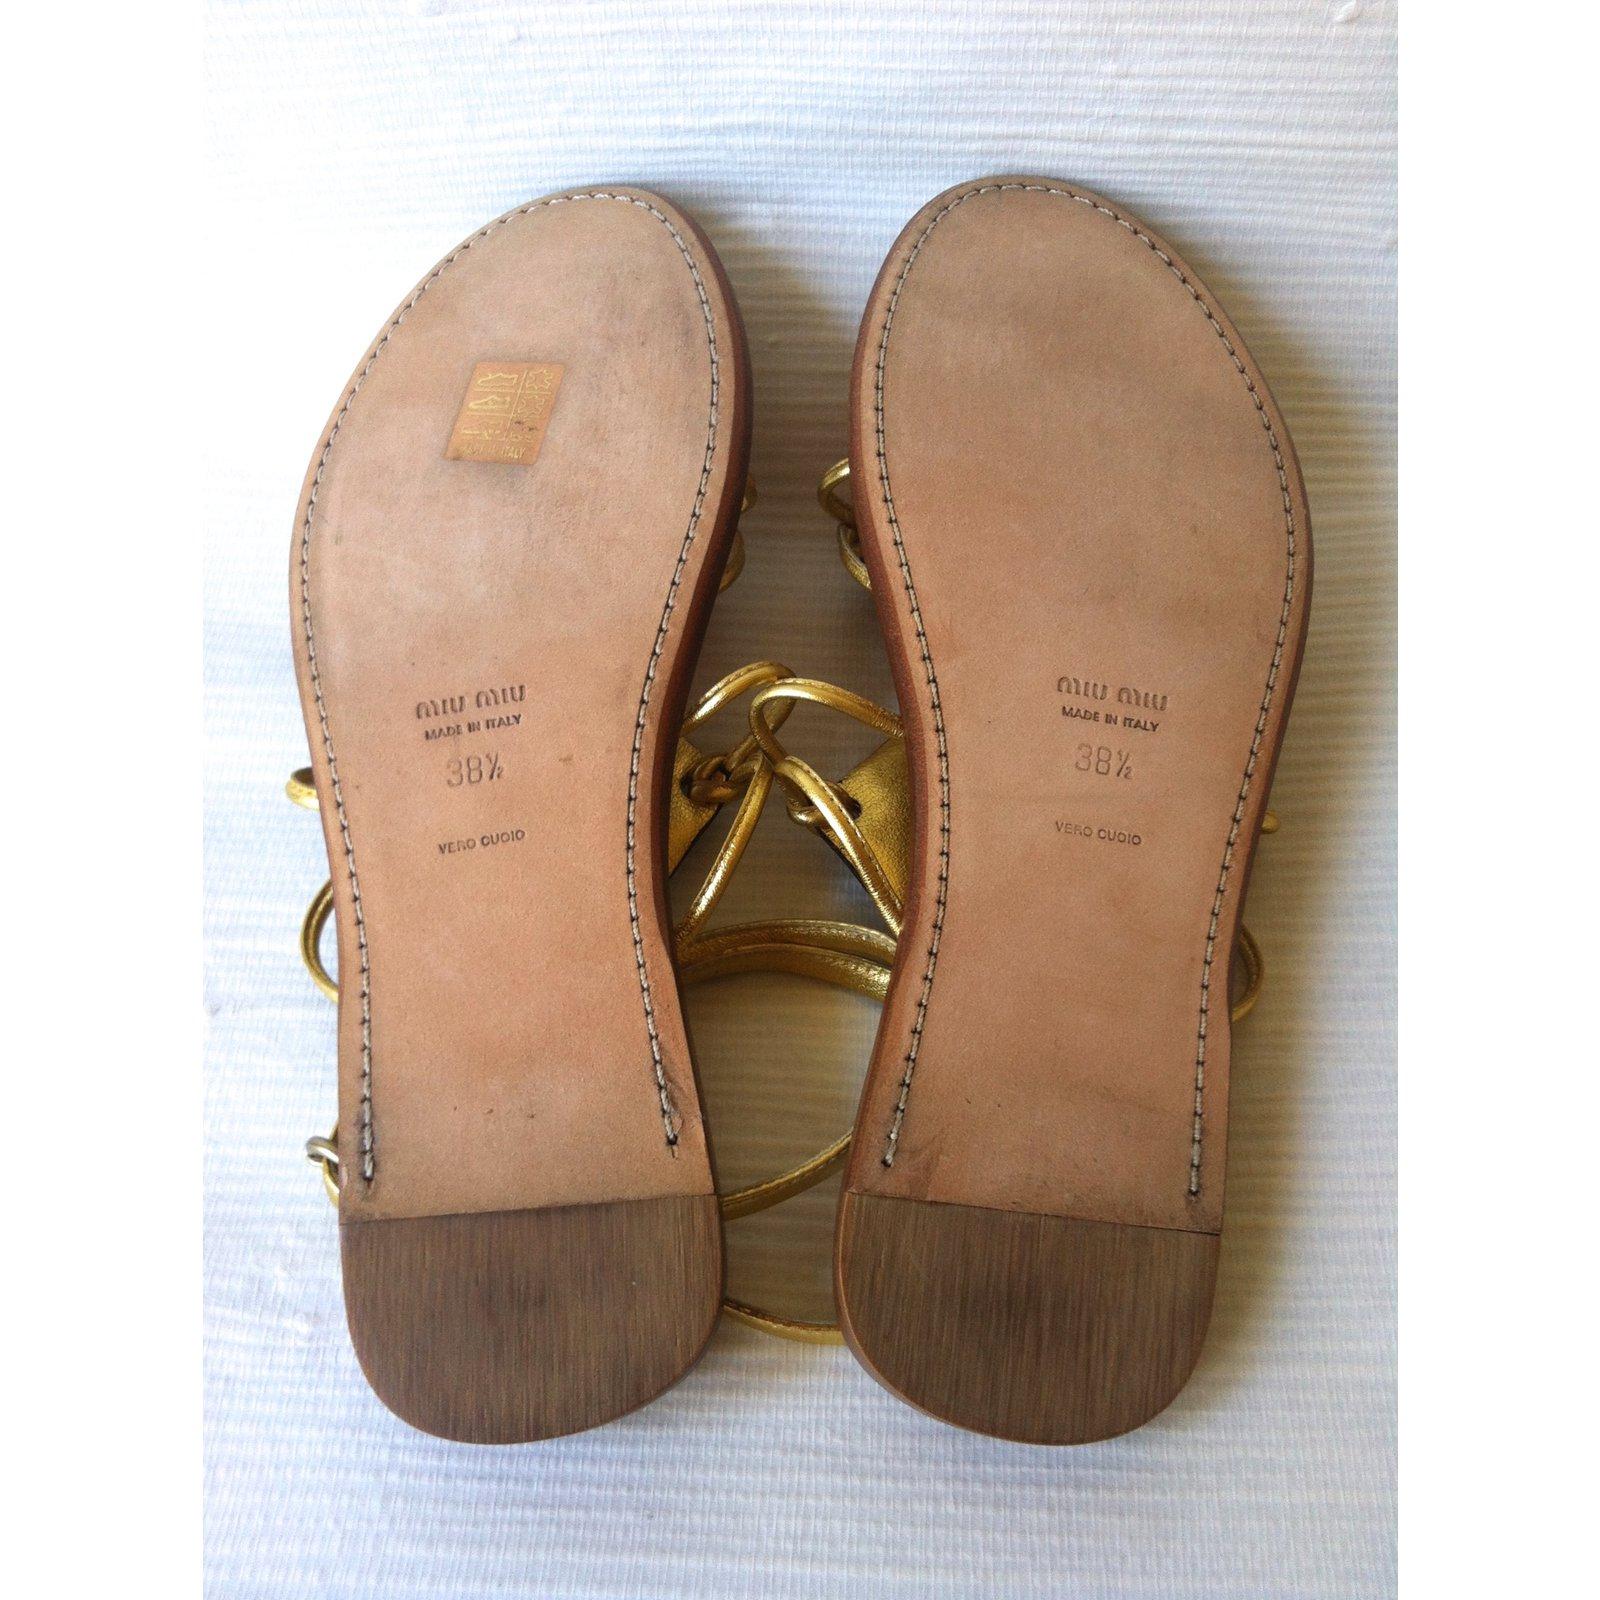 d29f3dc0f86d Miu Miu Sandals Sandals Leather Golden ref.75410 - Joli Closet